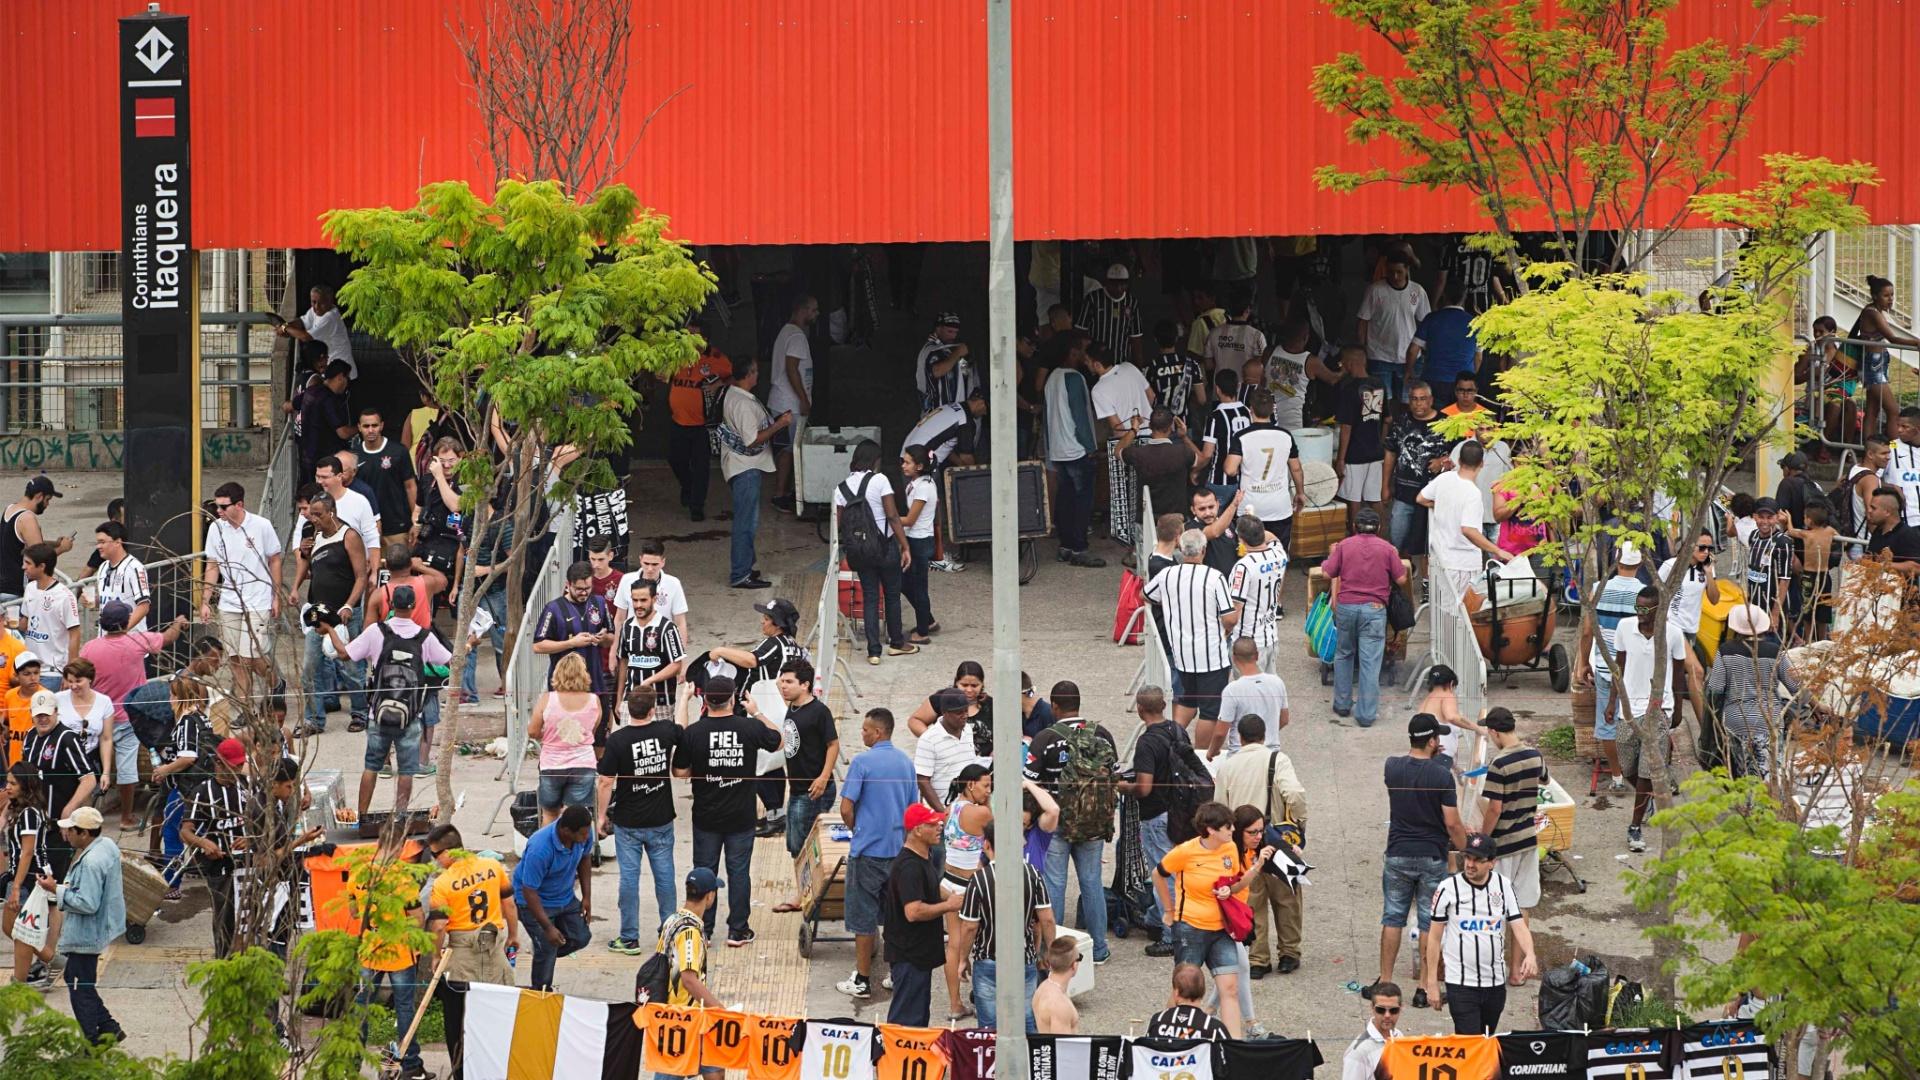 Torcedores do Corinthians começam a chegar à Arena para clássico contra o São Paulo no Campeonato Brasileiro